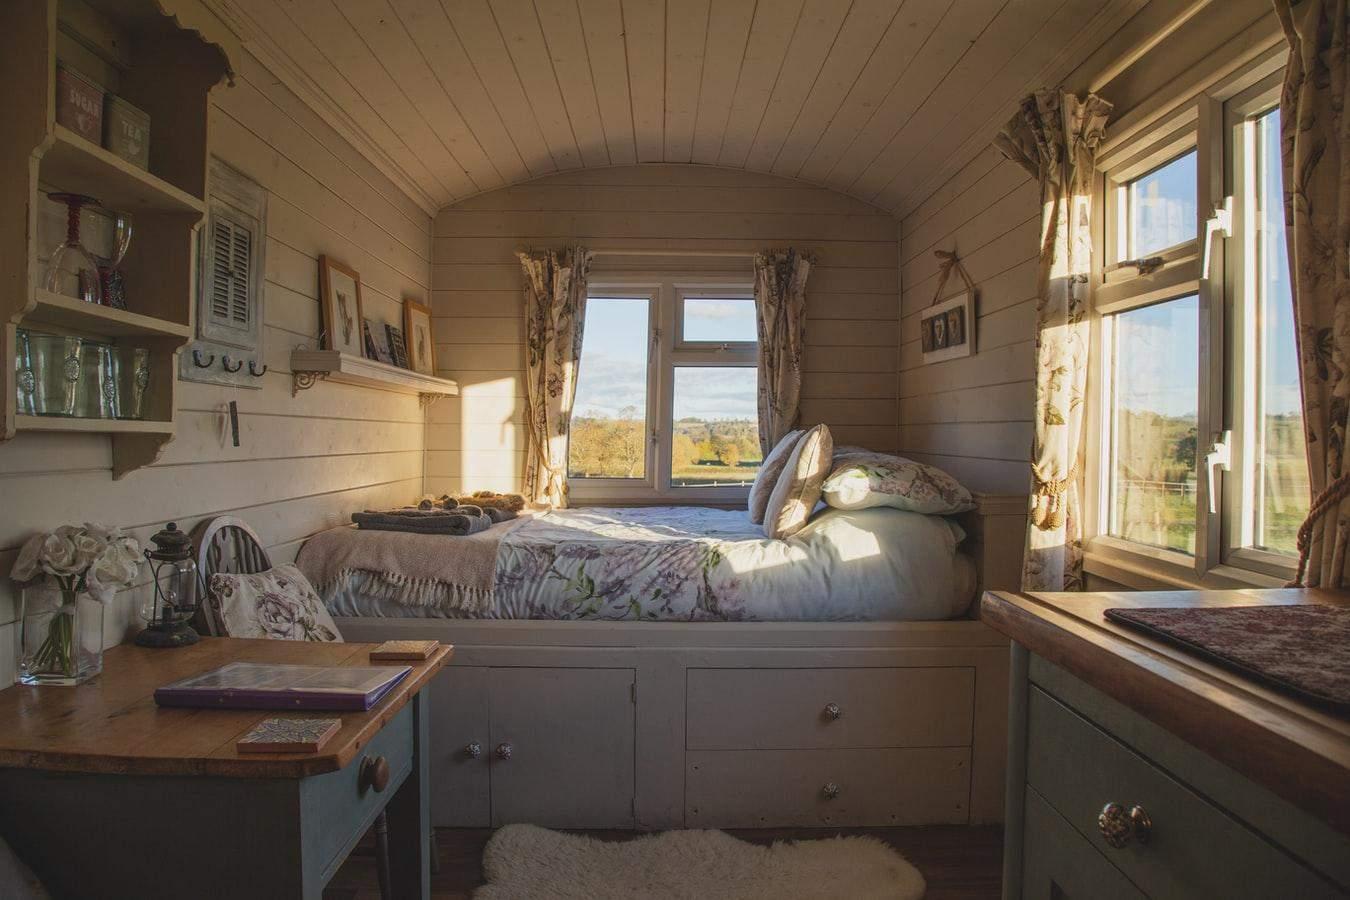 Стиль прованс особенно уютно выглядит в загородных домиках